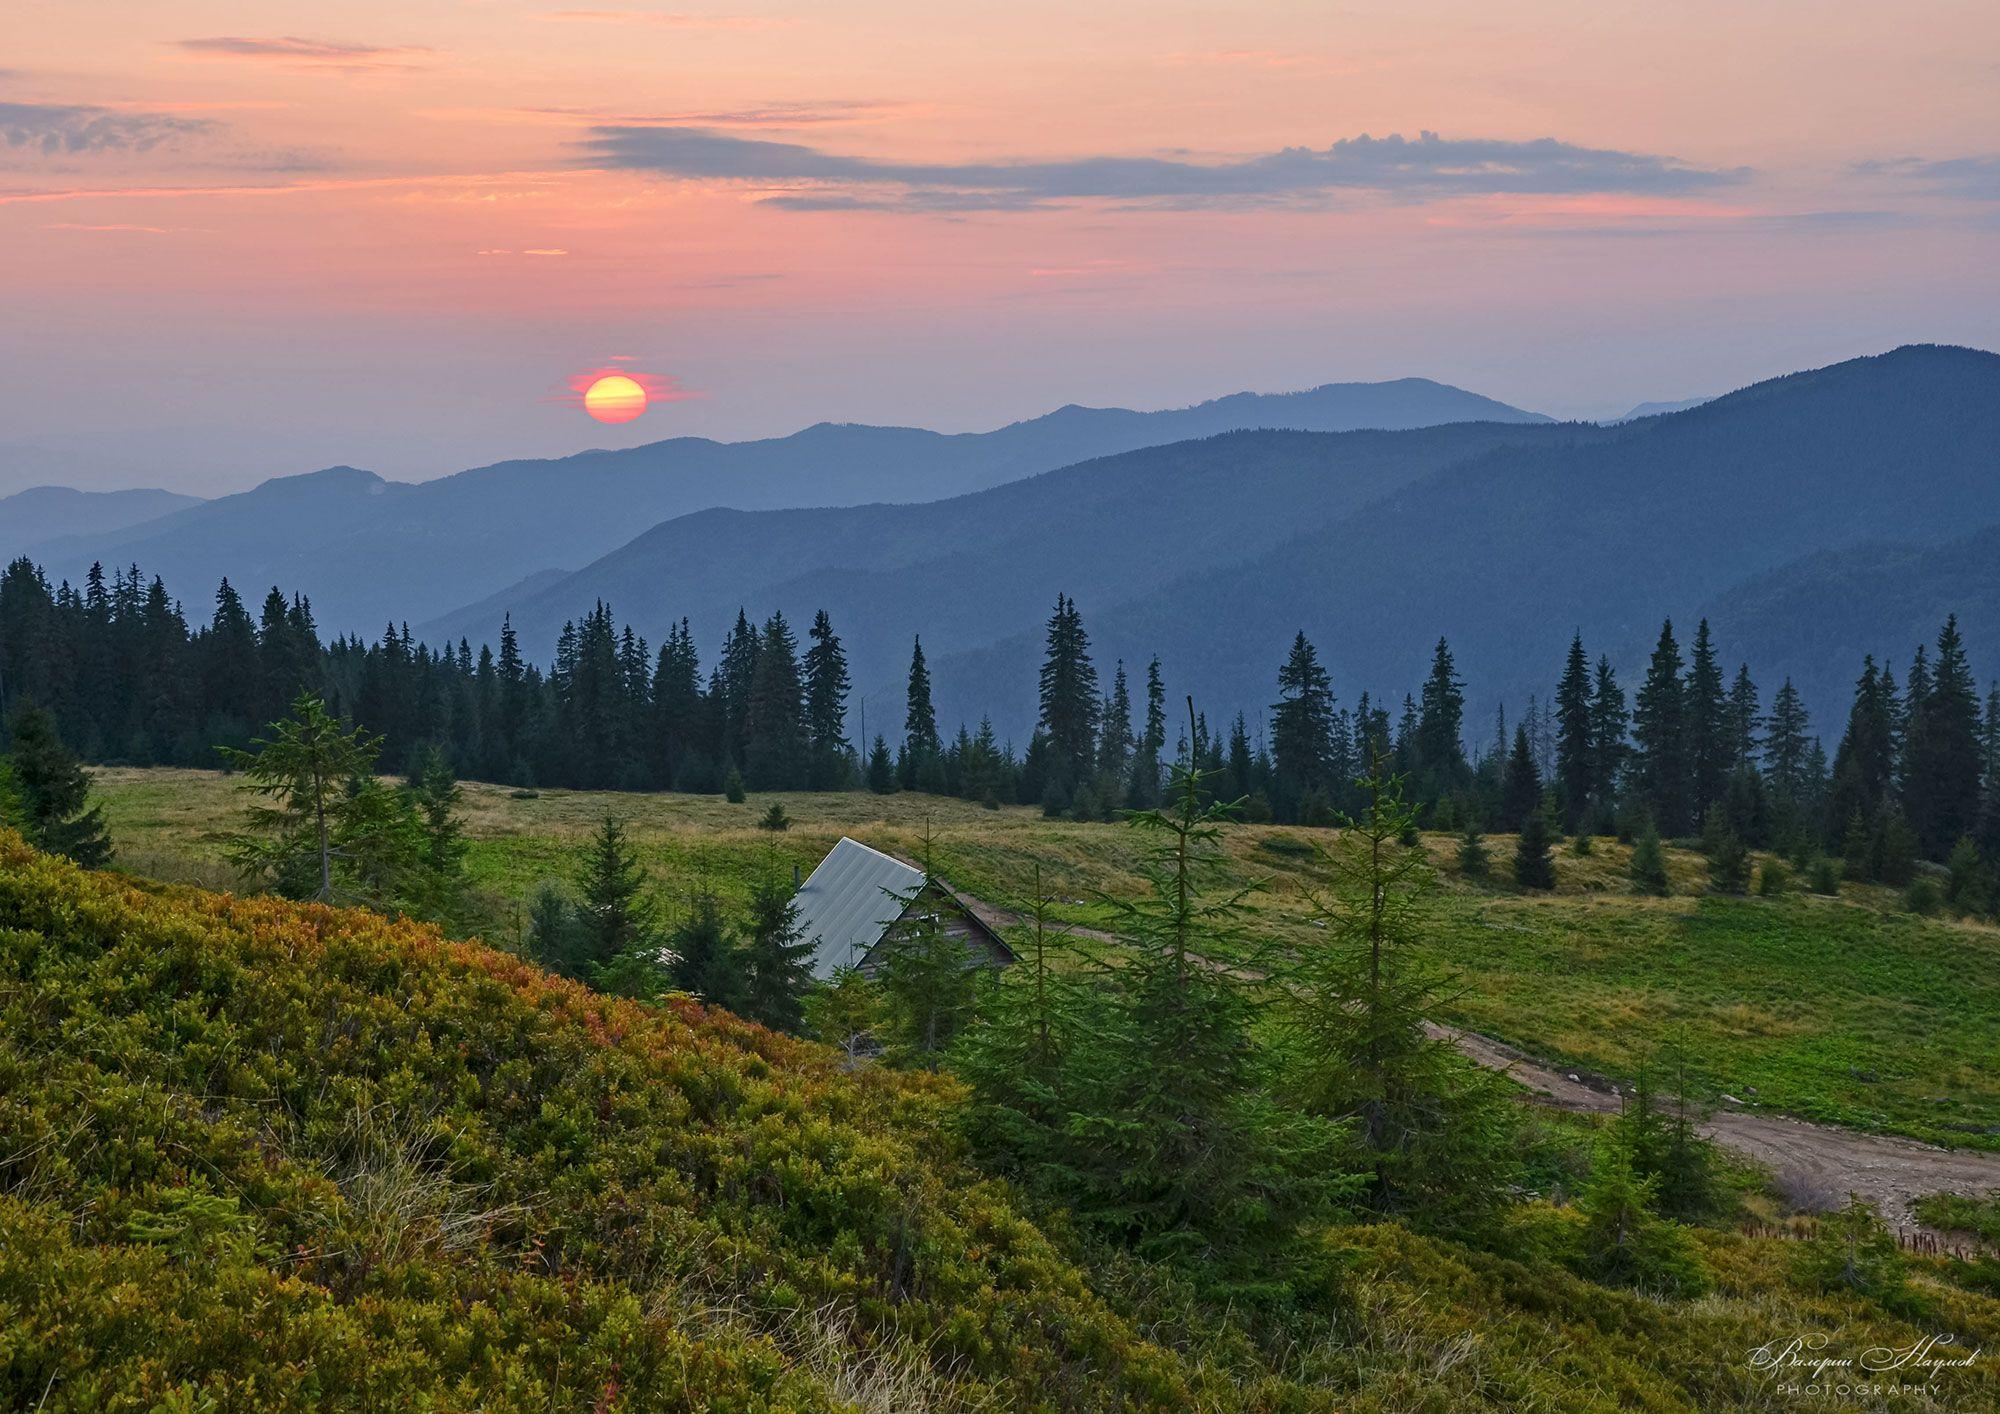 горы, мармаросы, карпаты, полонына струнге, закат, вечер, август, Валерий Наумов